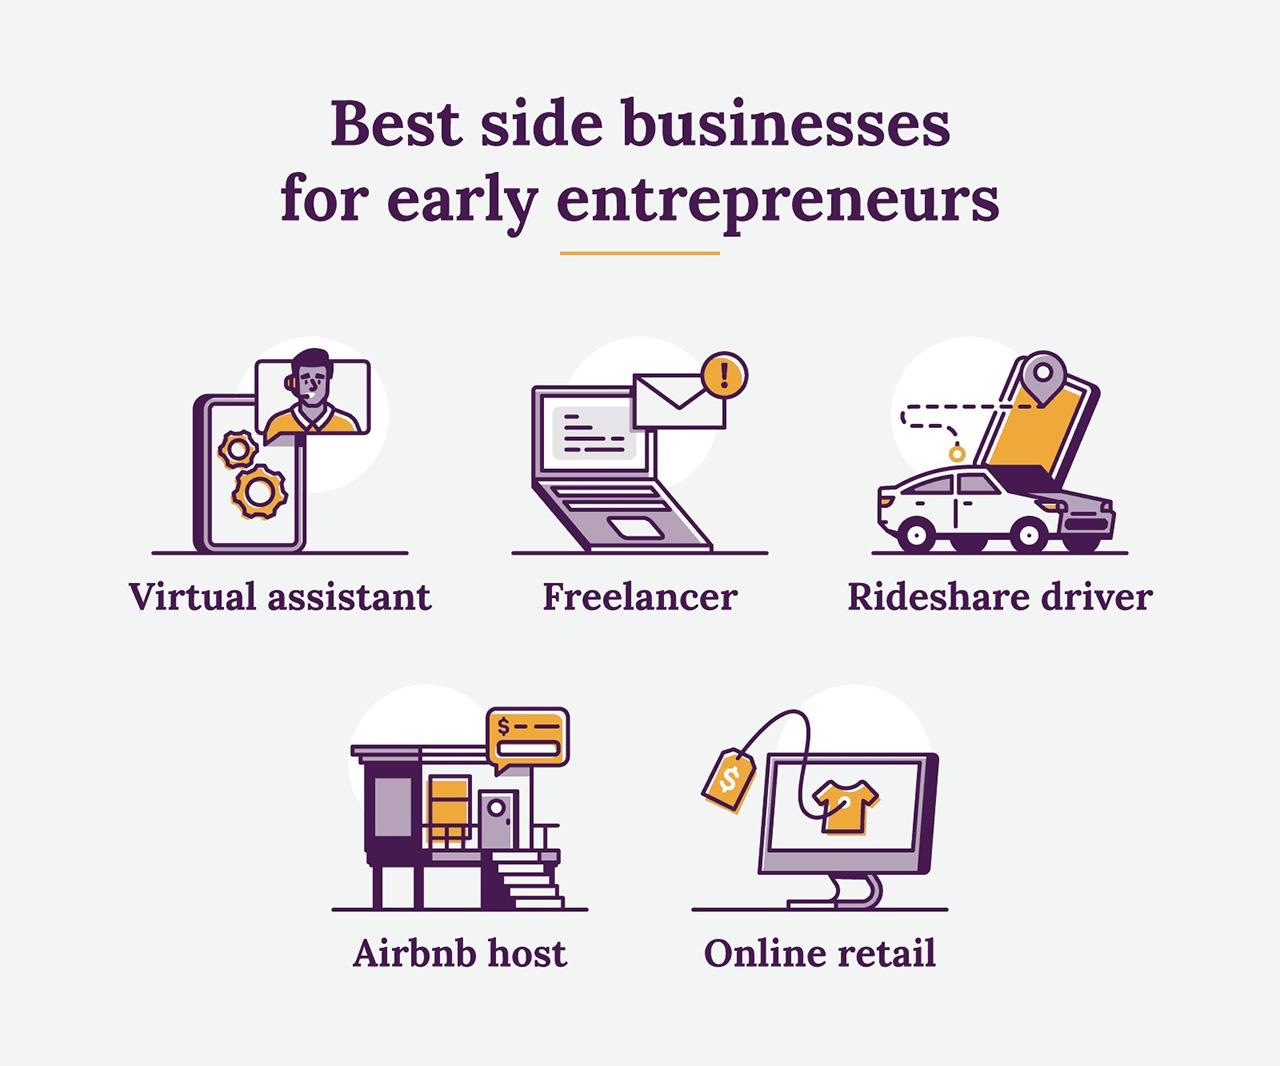 Best side businesses for early entrepreneurs